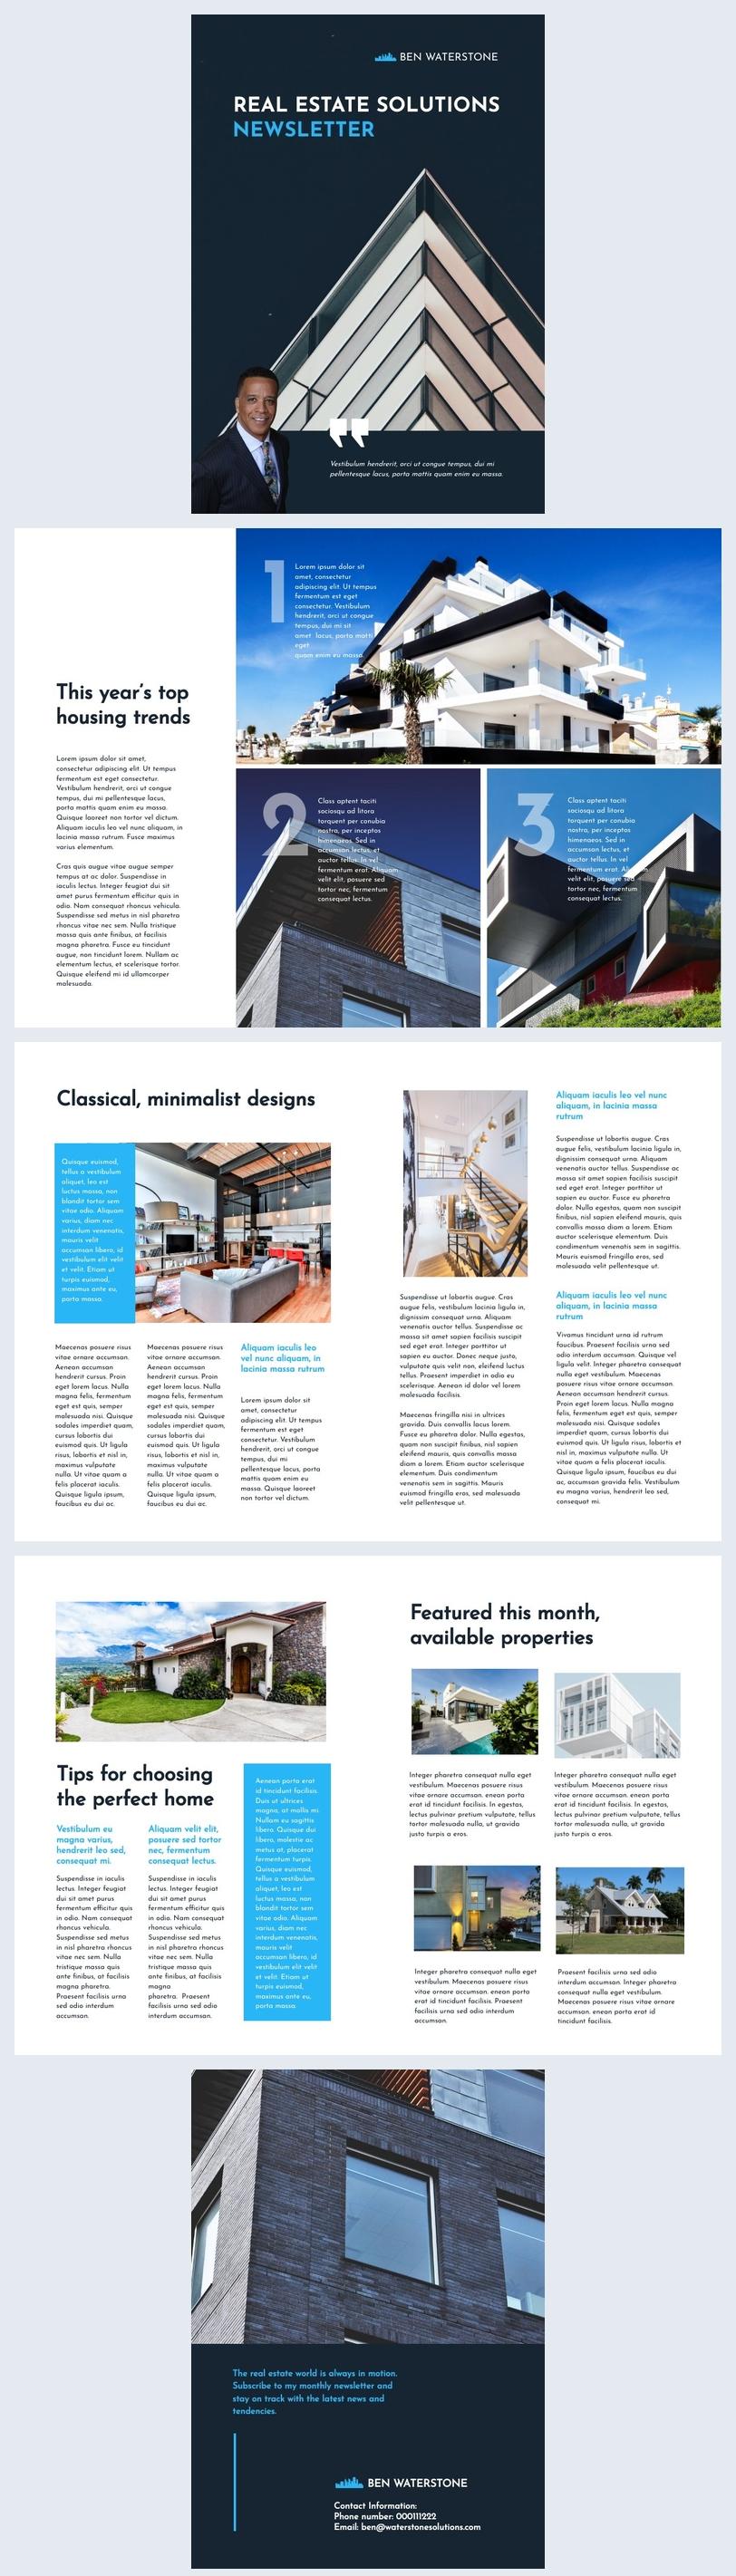 Real Estate Agent Newsletter Design Idea